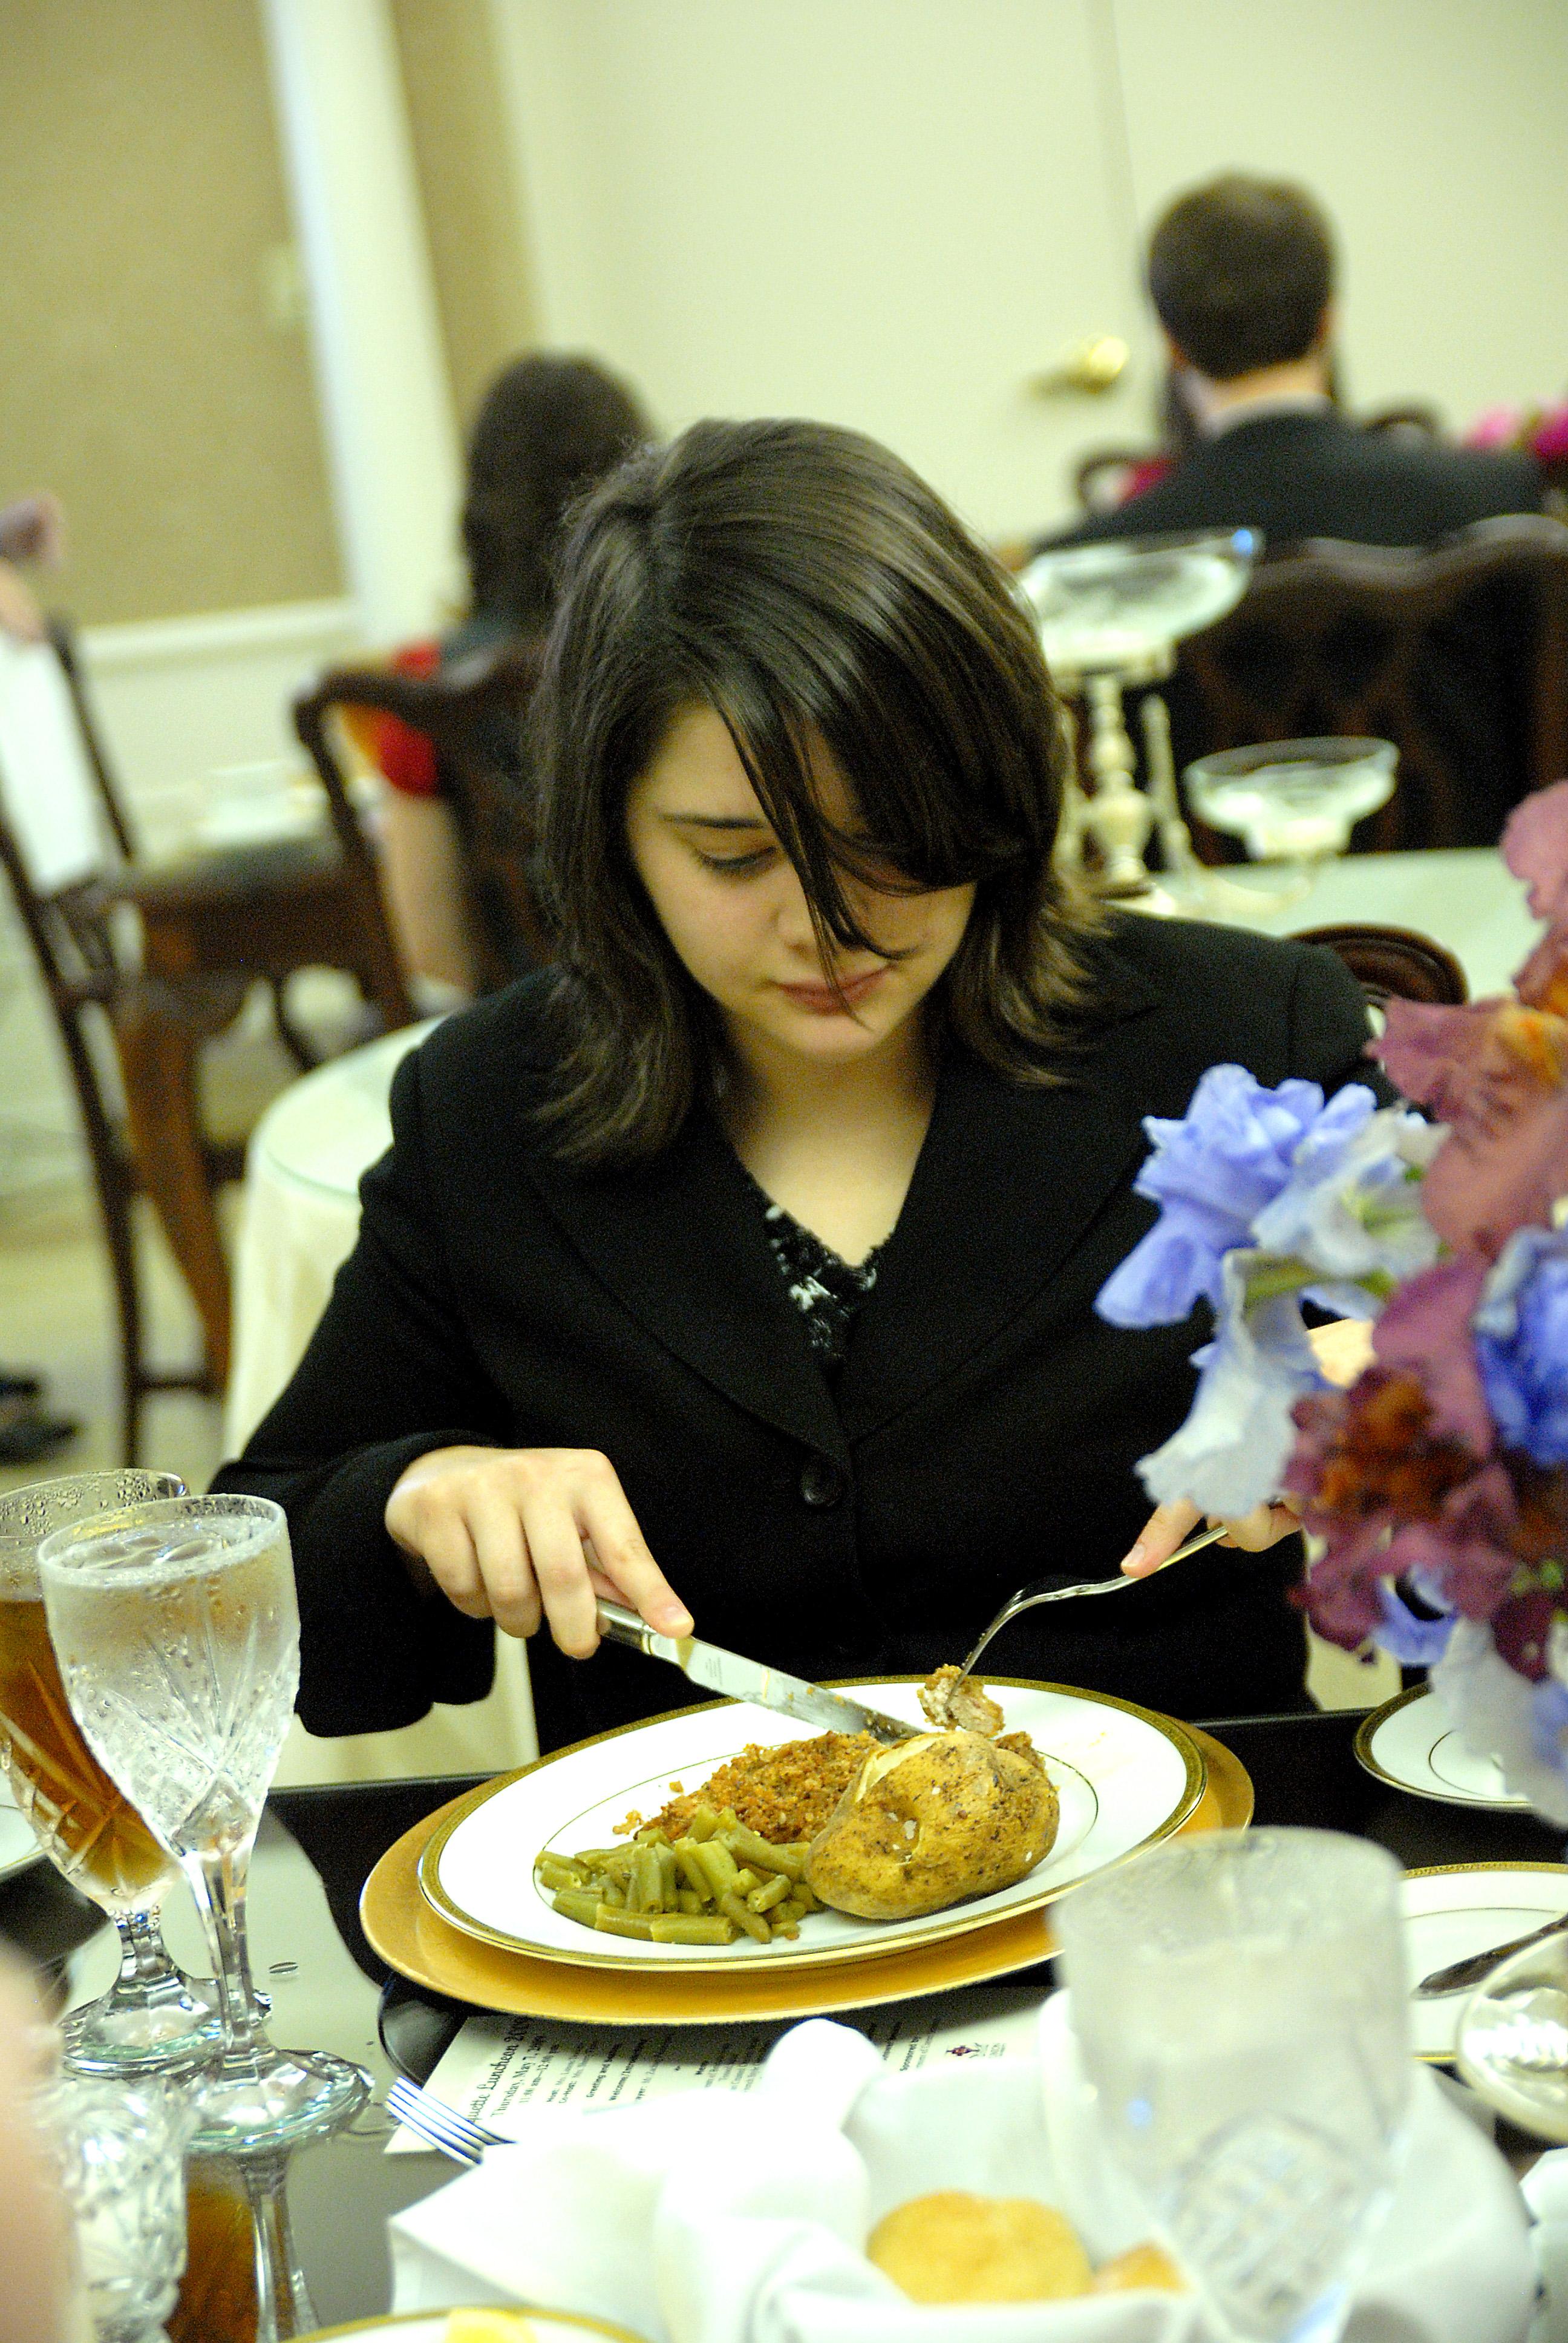 etiquette luncheon photo album the union photo project union brandy hudgins